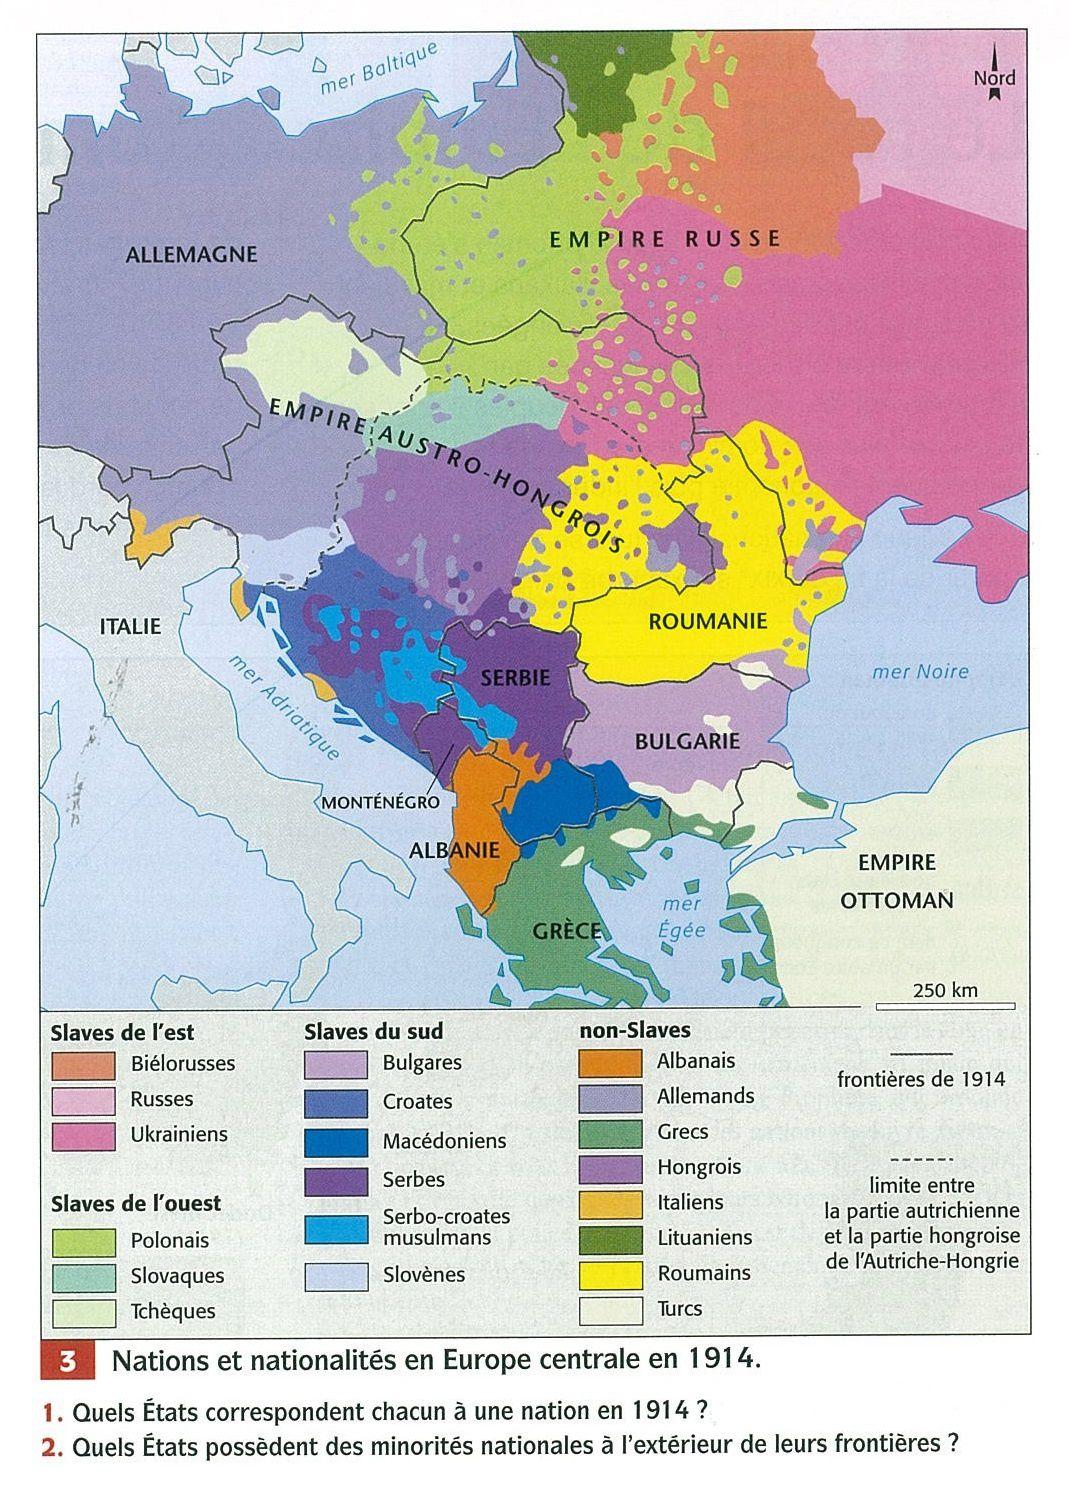 Mais que sommes nous censés savoir sur la Hongrie ? La Hongrie à travers le programme d'Histoire du collège-lycée...#5